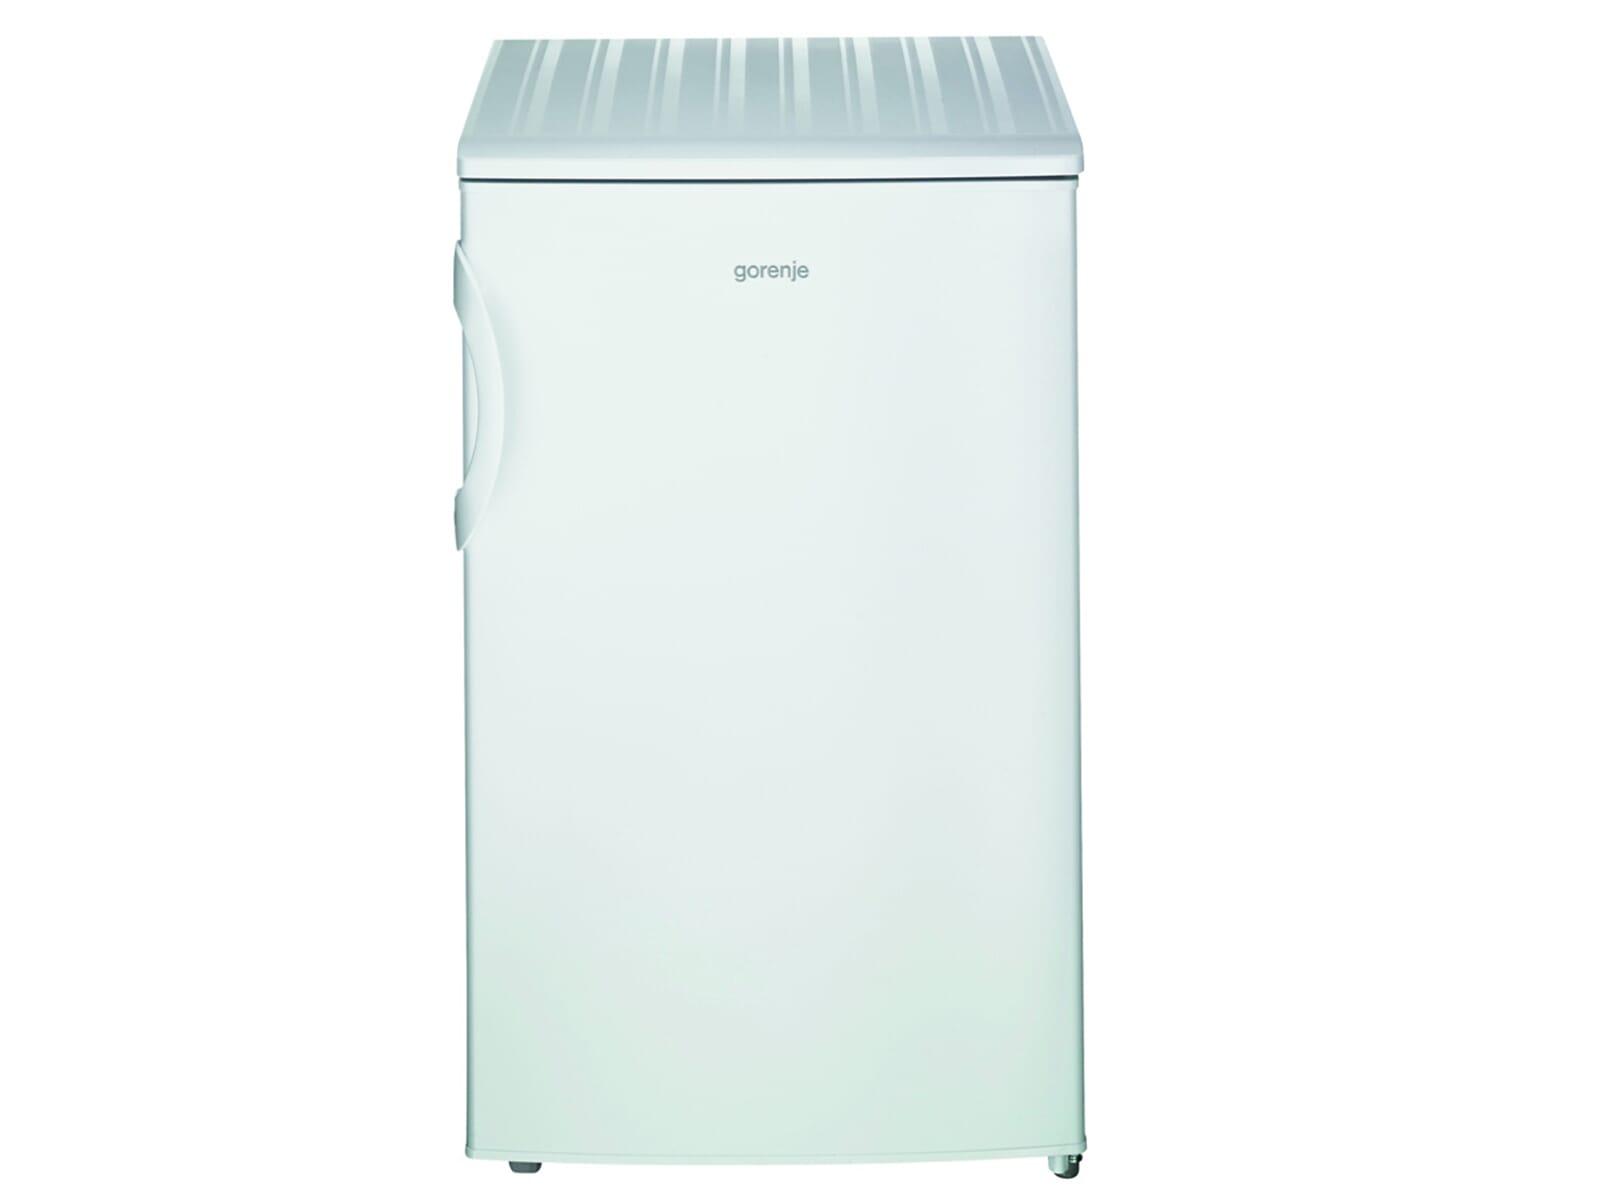 Gorenje Kühlschrank Unterbaufähig : Gorenje rb 3091 anw standkühlschrank mit gefrierfach unterbaufähig weiß